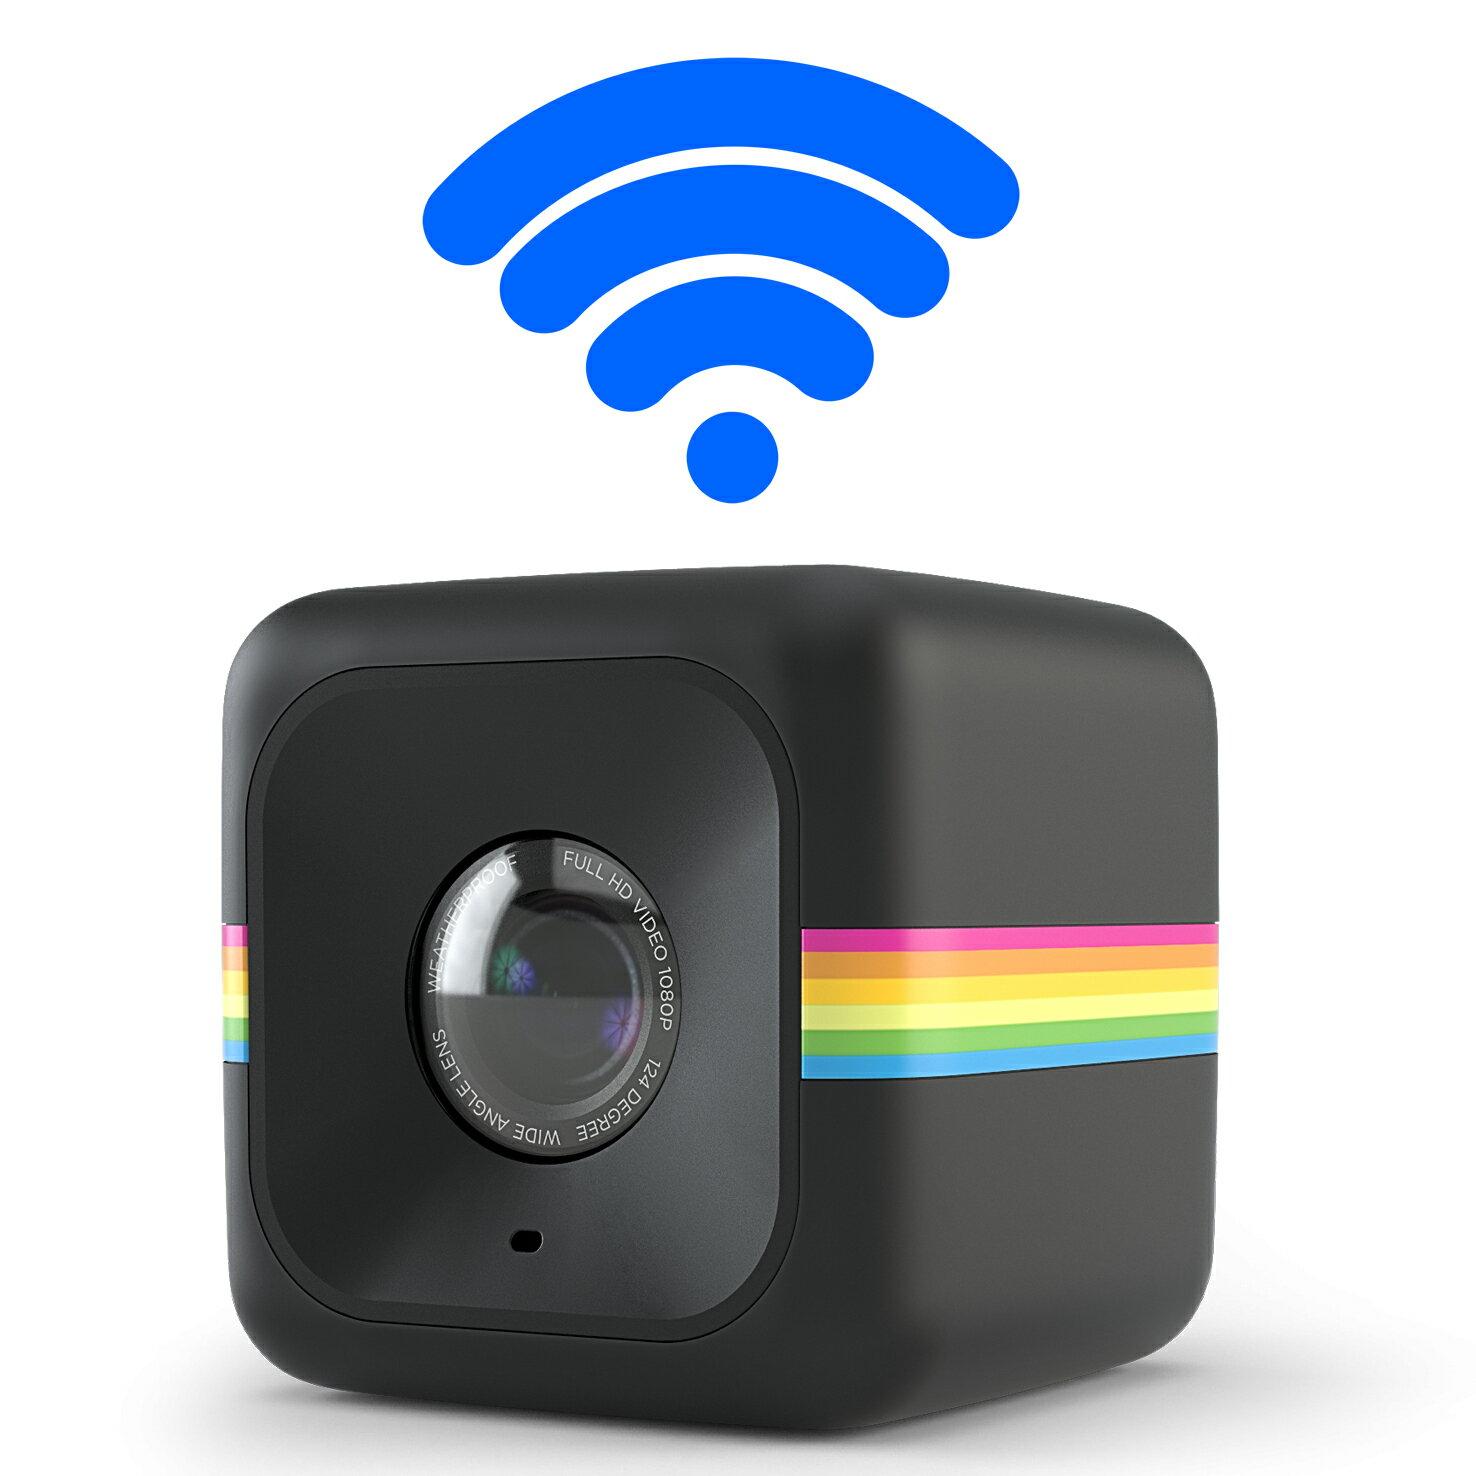 【和信嘉】Polaroid Cube+ 骰子相機(黑色) WIFI 迷你行動攝影機 公司貨 原廠保固一年